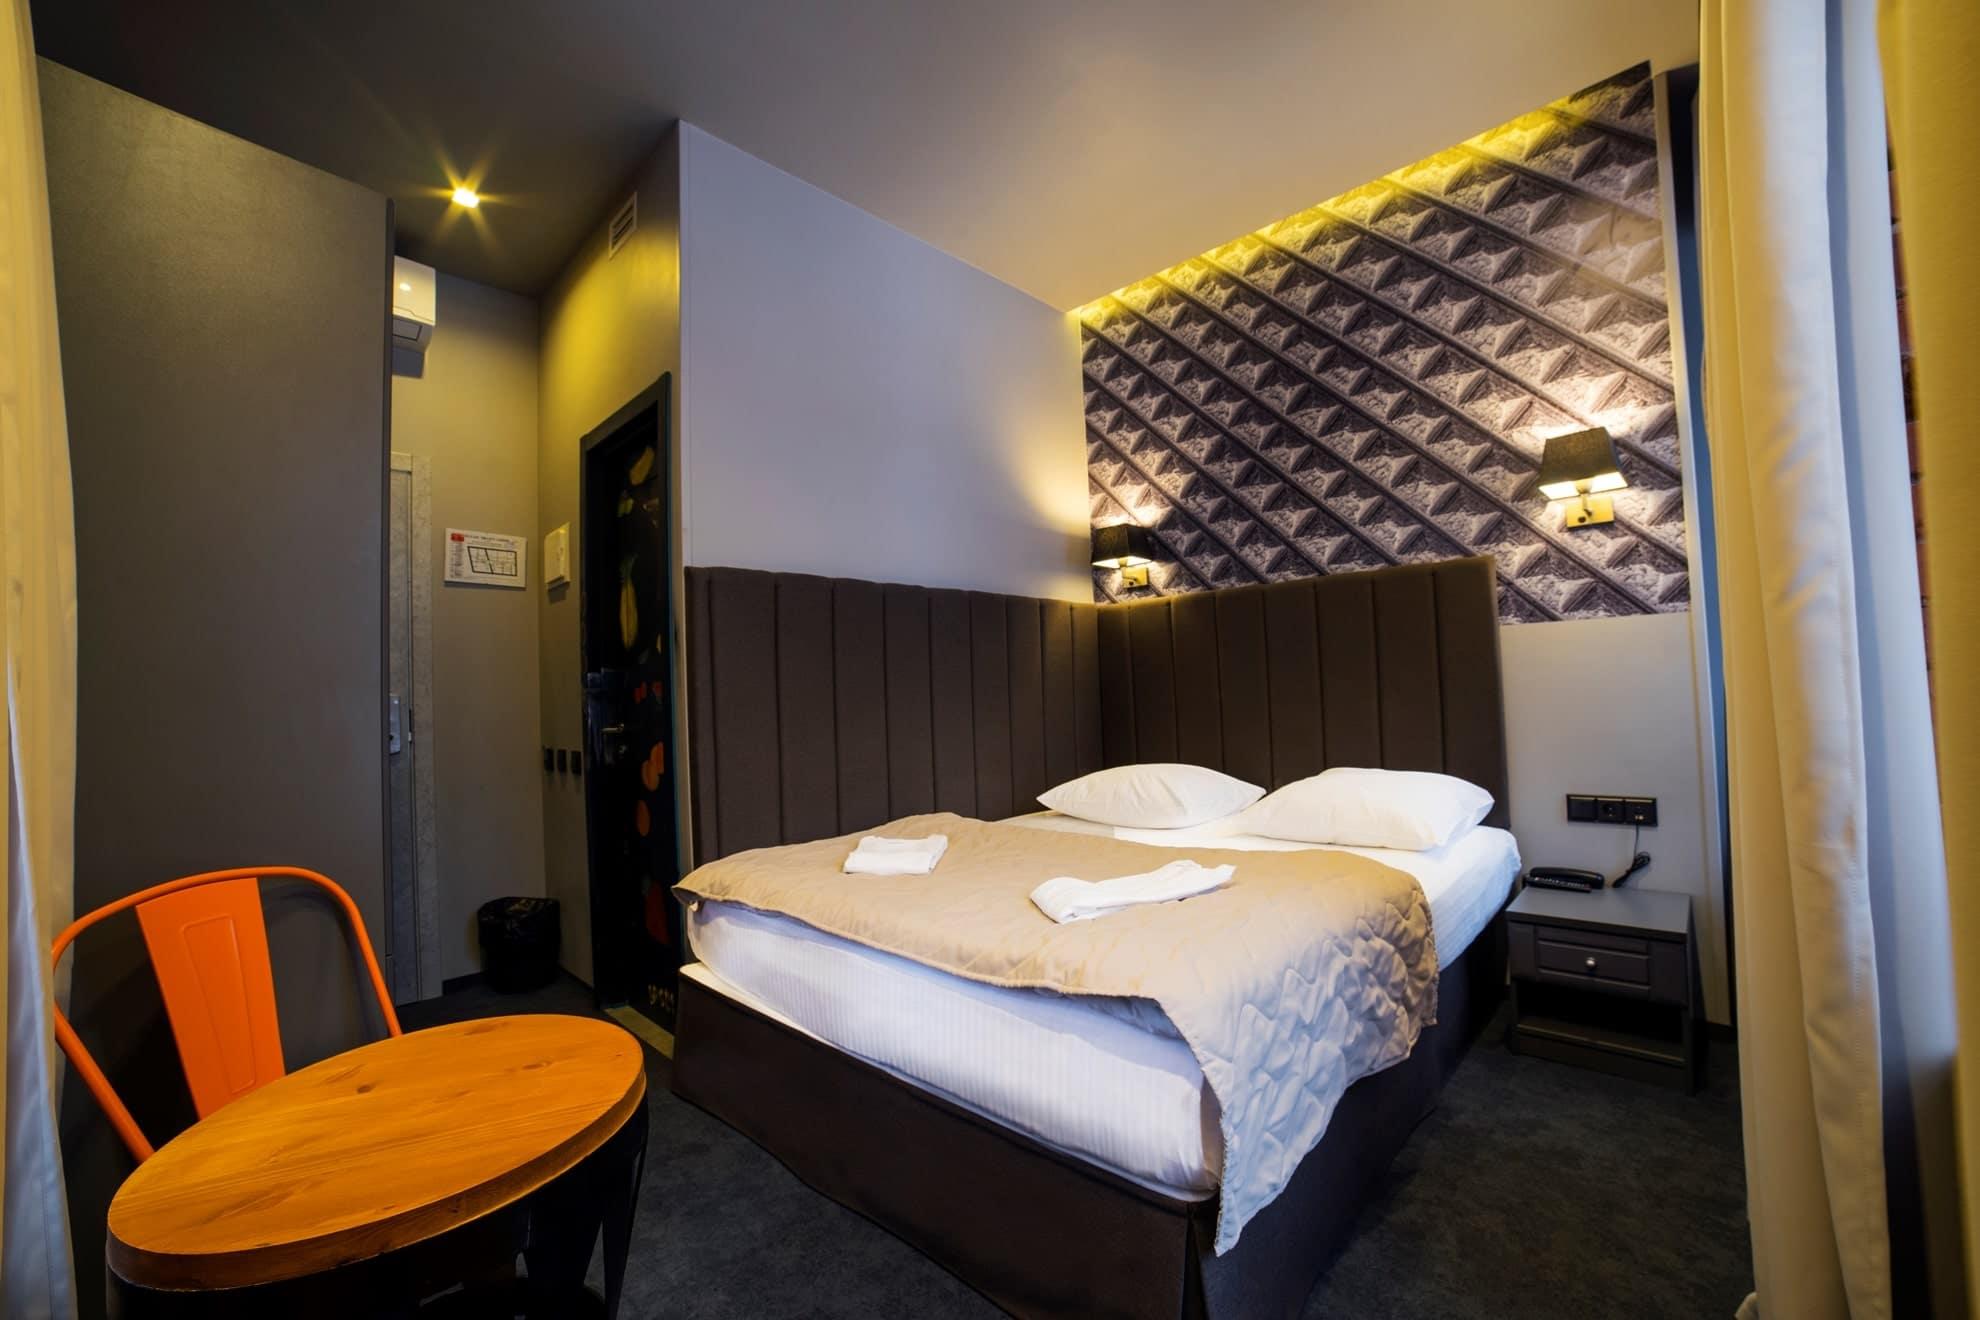 Hotel MINIMA - Baumanskaya